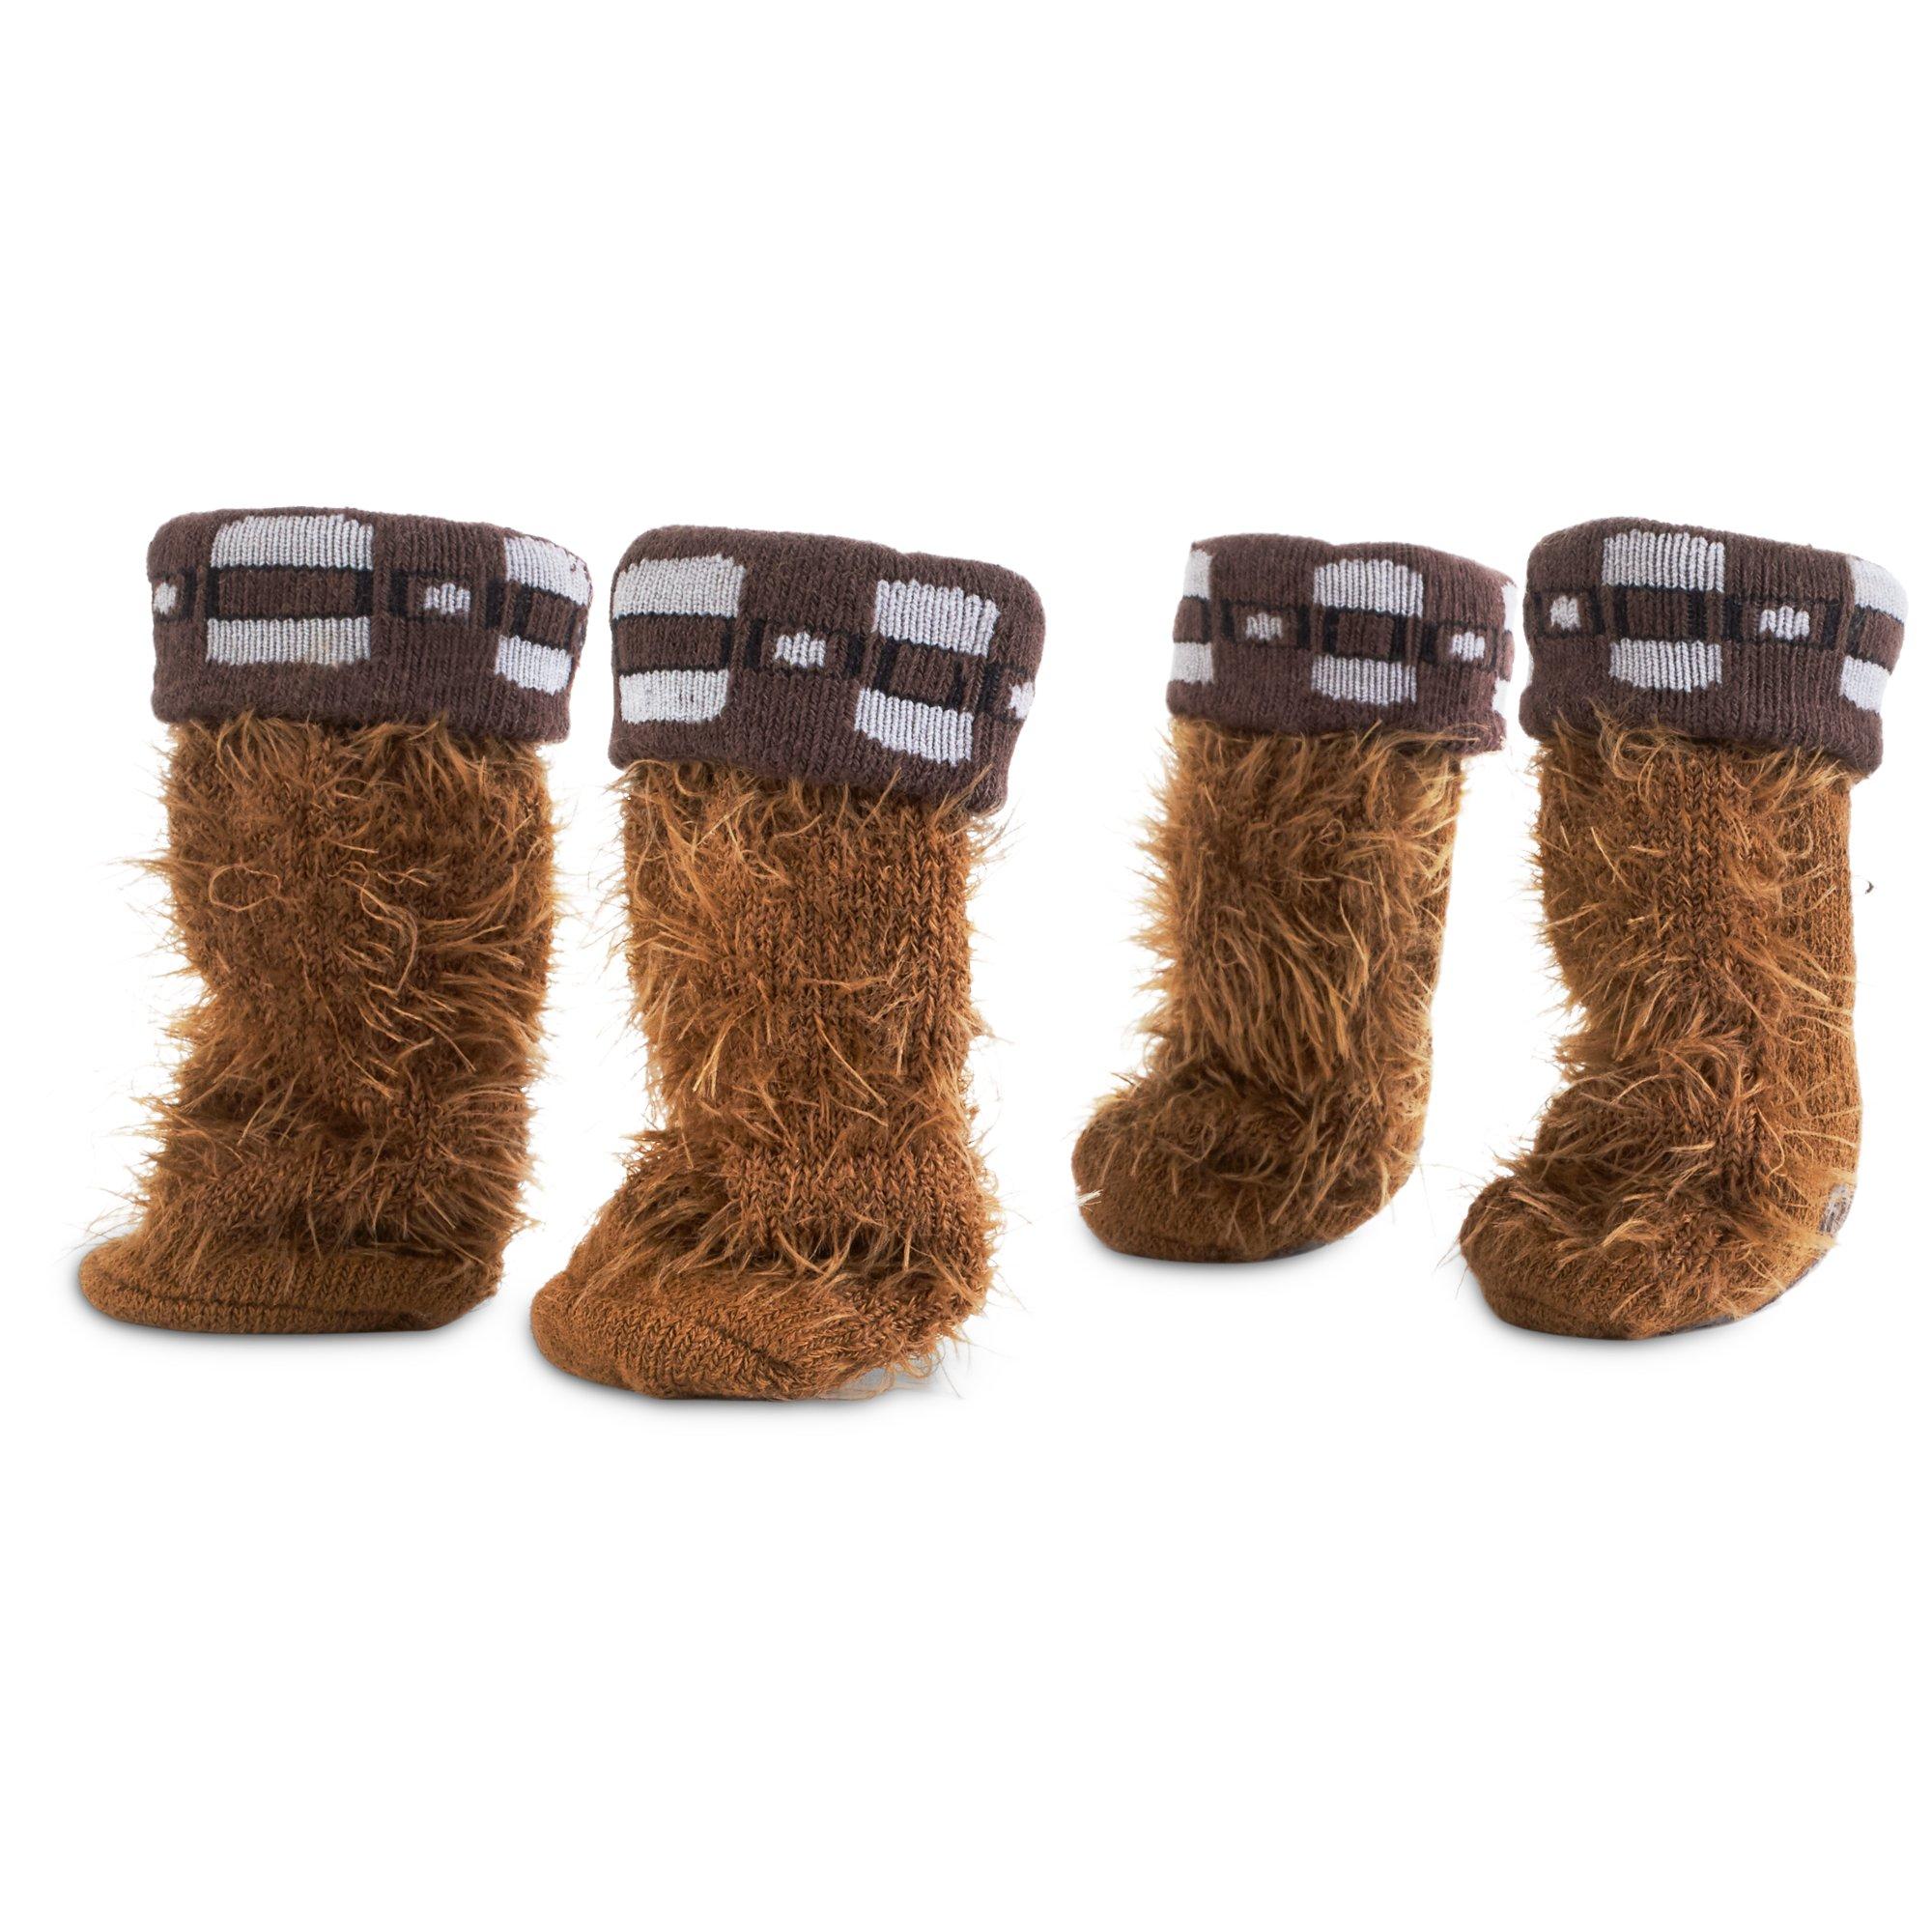 Star Wars Chewbacca Pet Socks